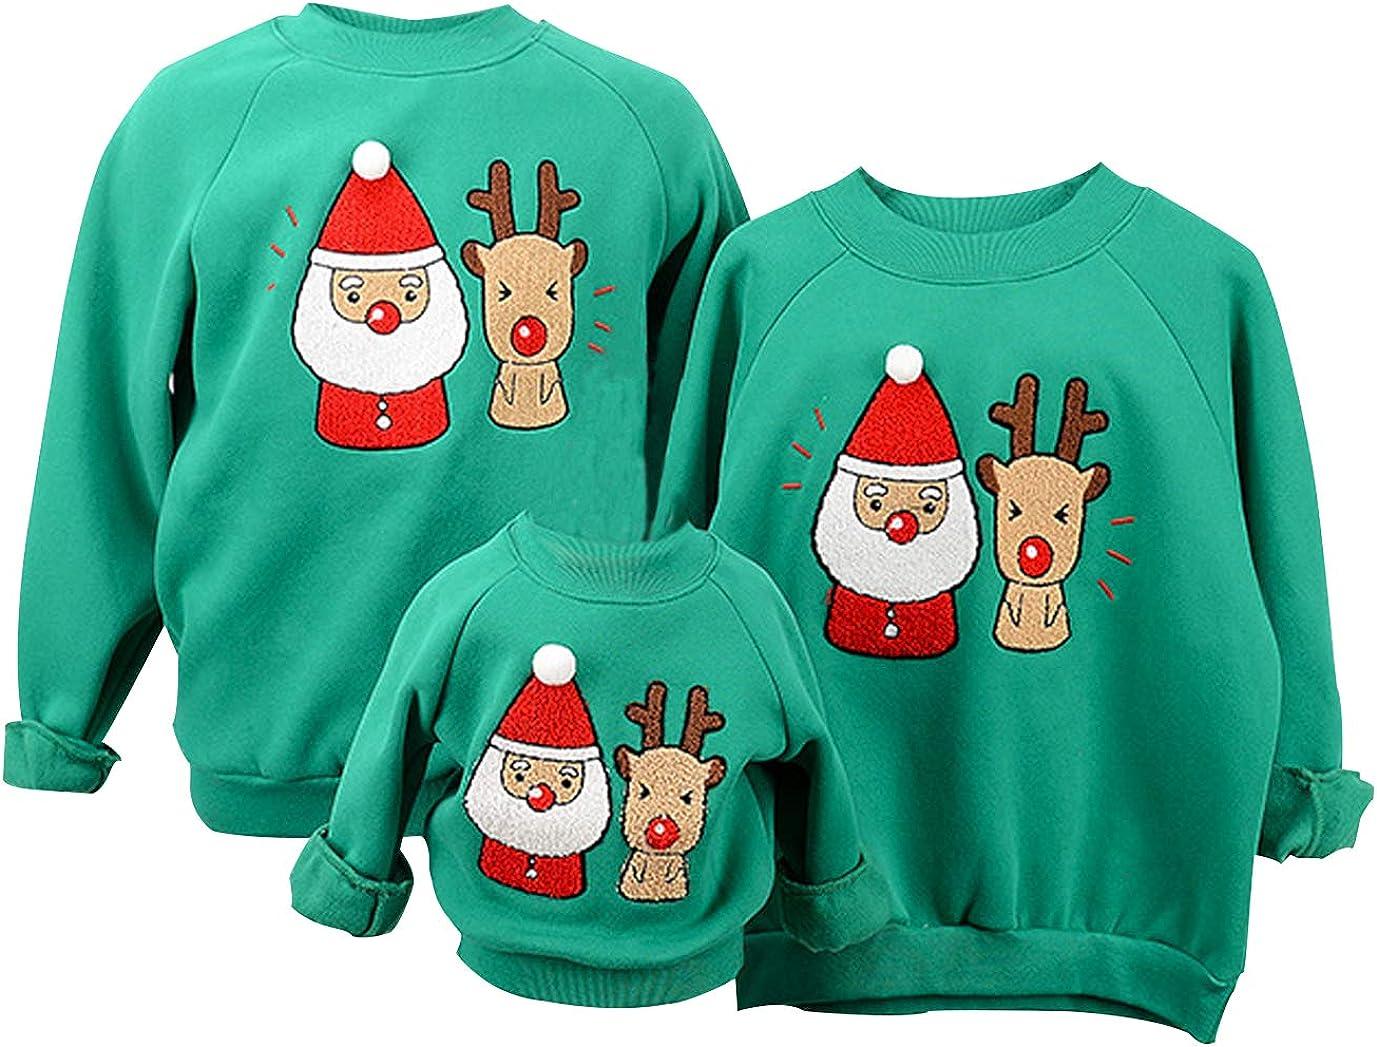 Sudaderas Navideñas Familiares Sudadera Navidad Hombre Mujer Niña Niño Jersey Suéter Navideño Sudadera Navideña Familia Jerséis Reno Jerseys Navideños Parejas Cuello Redondo Ancha Larga Invierno